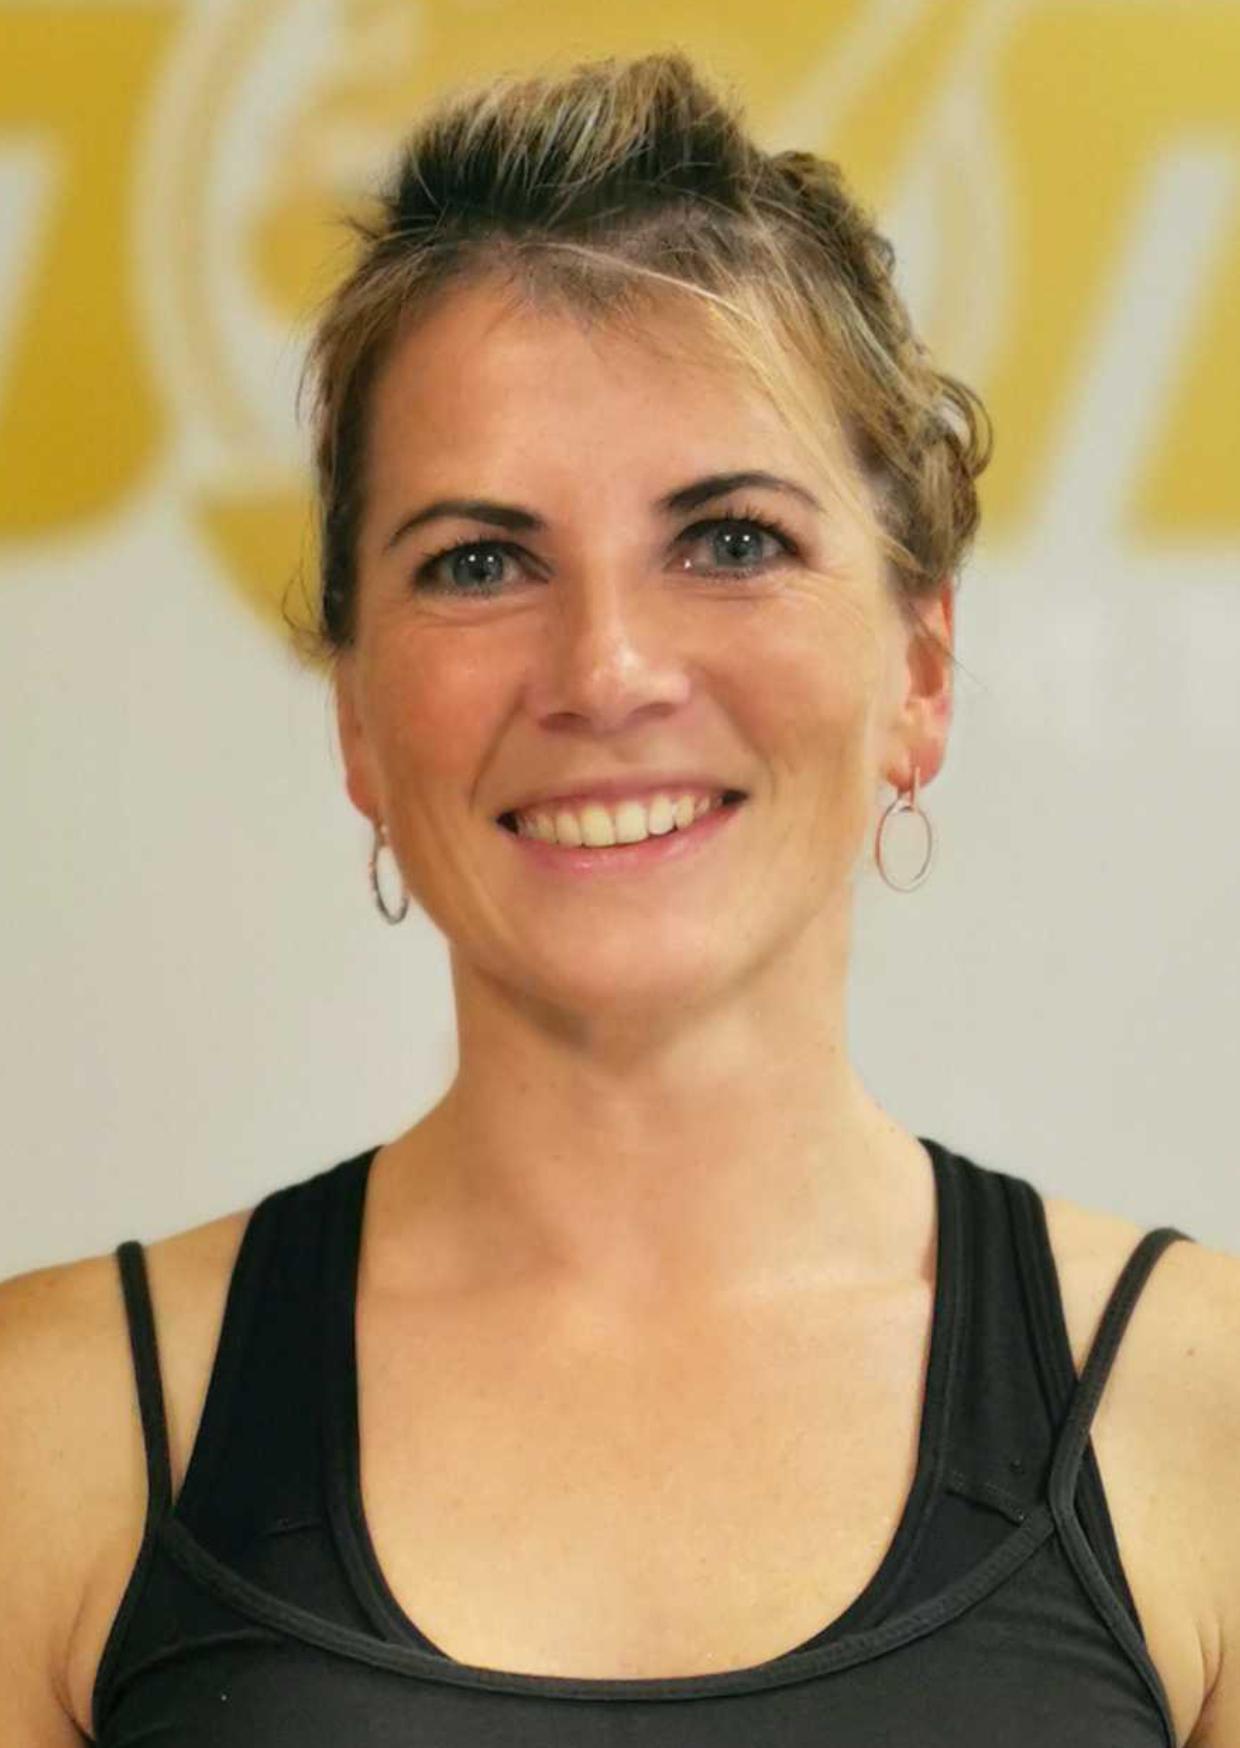 Katja Ortlepp